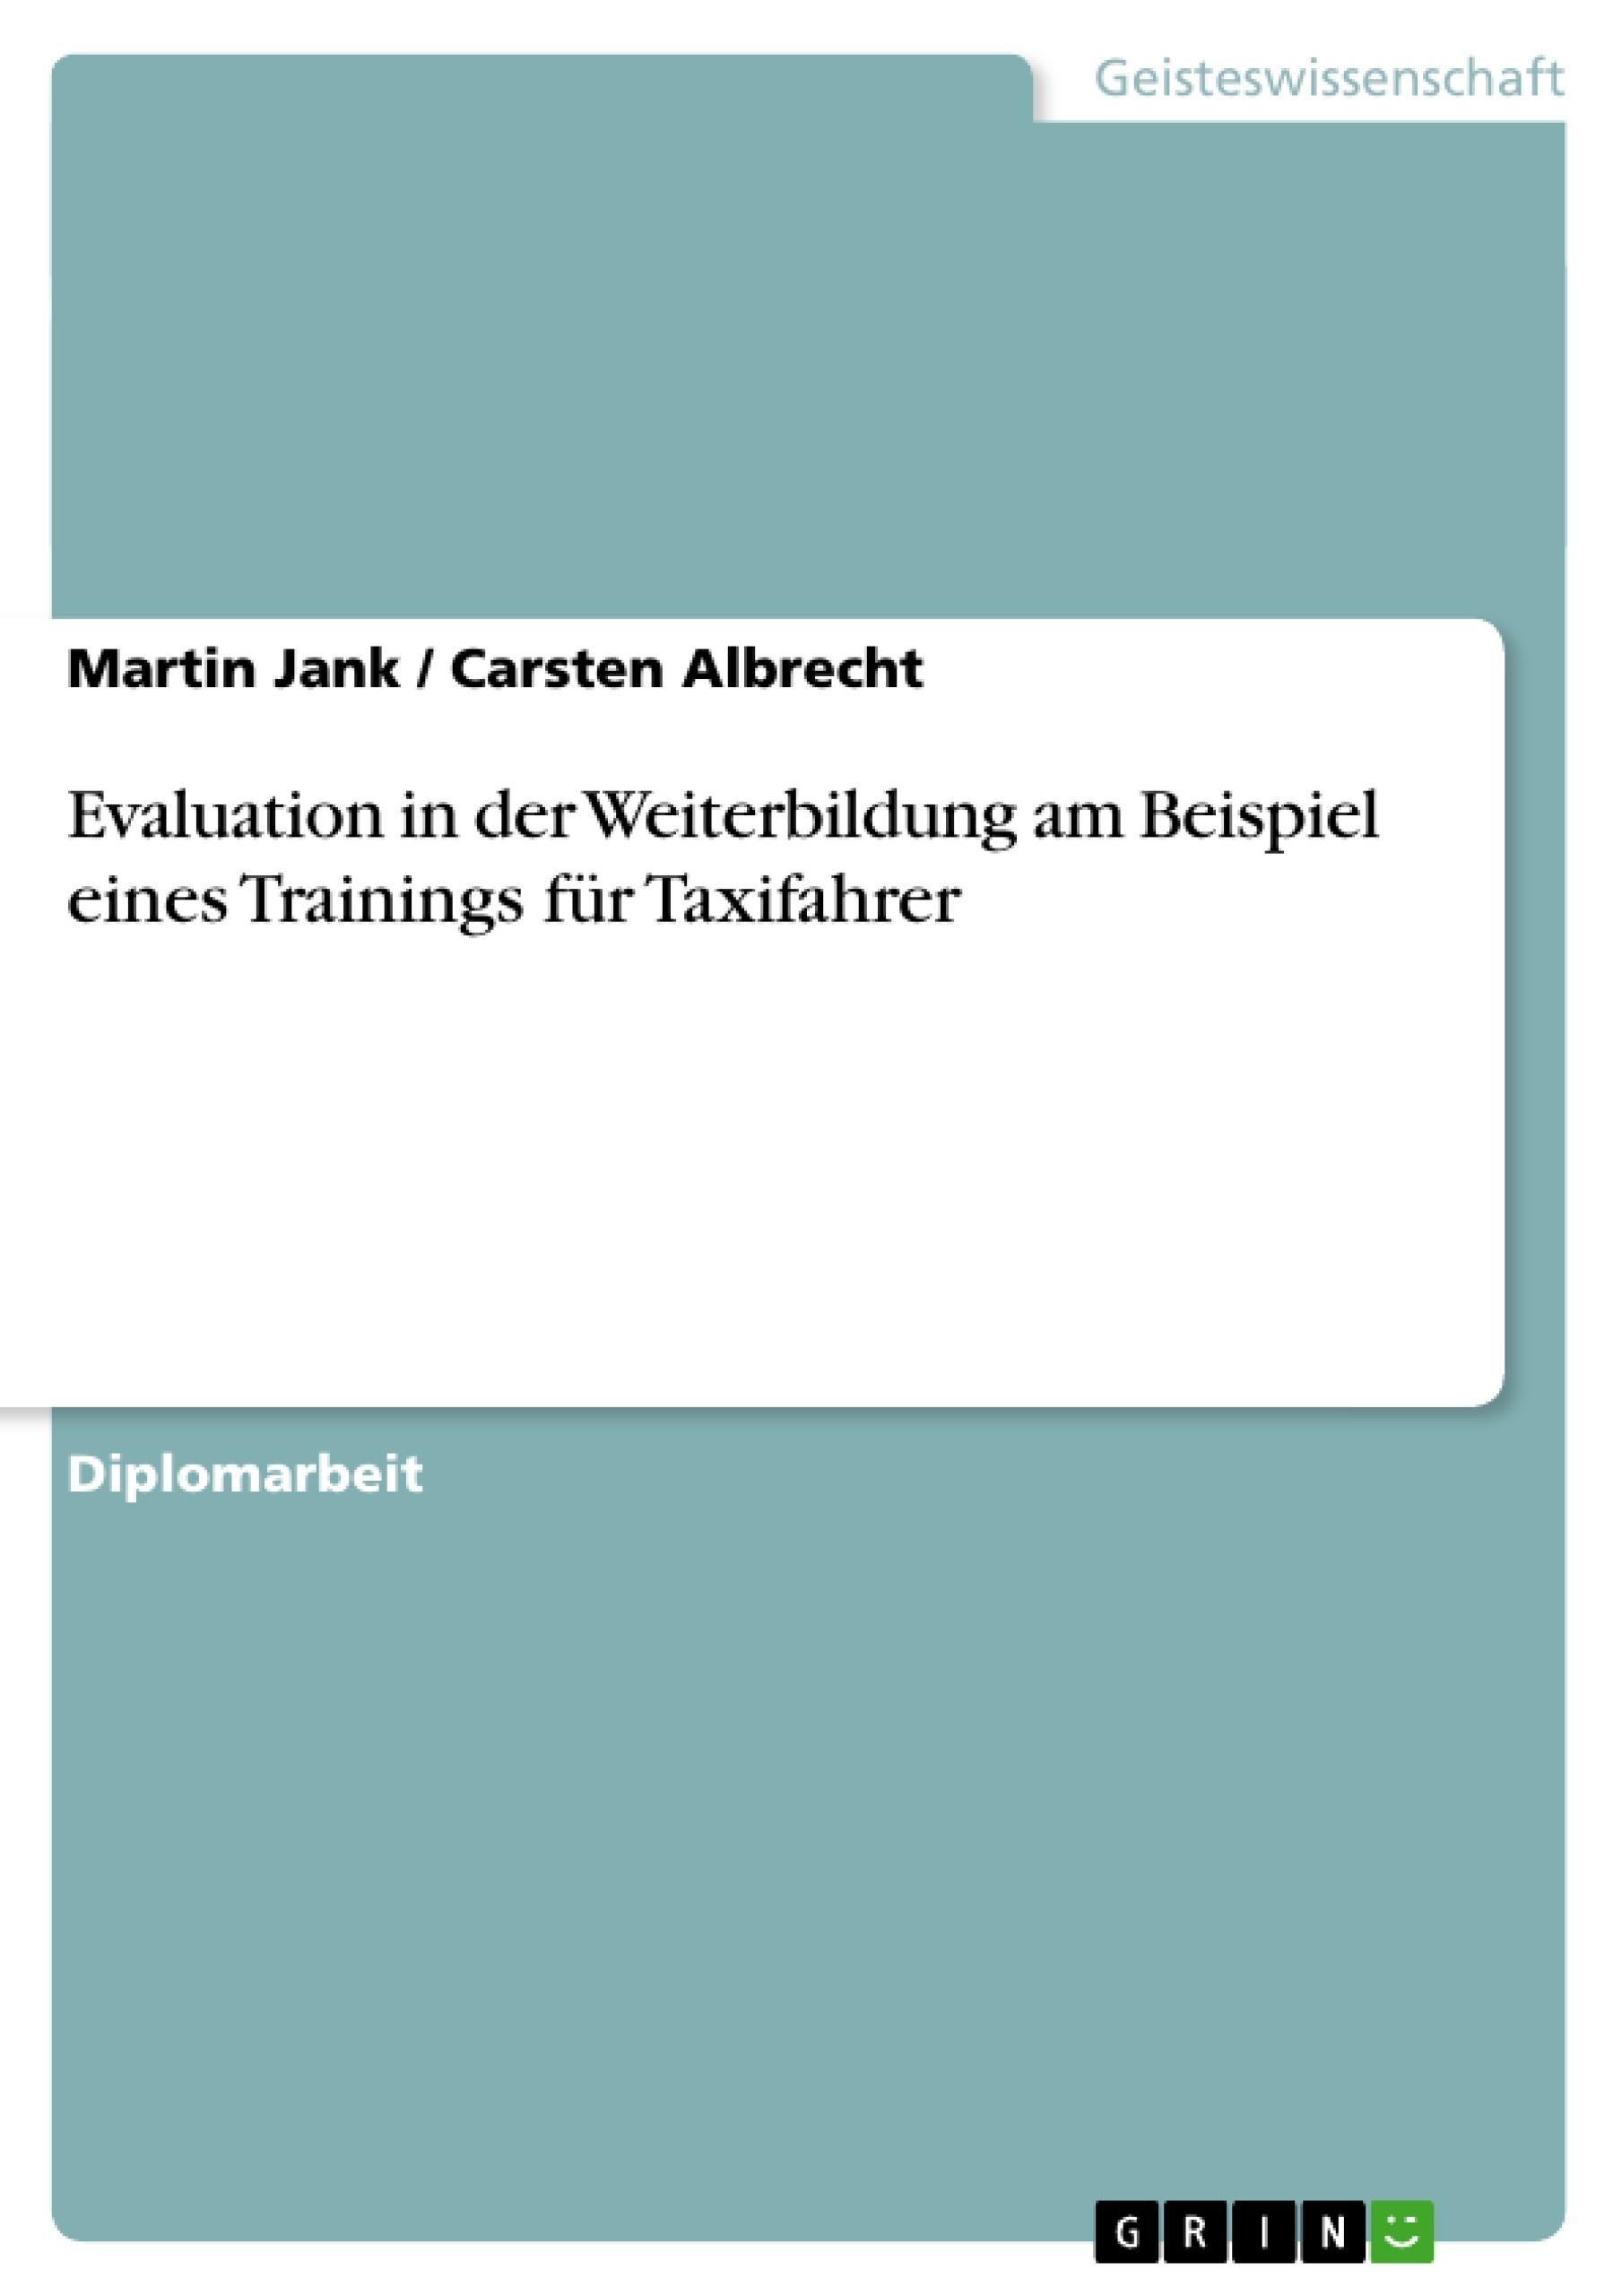 Titel: Evaluation in der Weiterbildung am Beispiel eines Trainings für Taxifahrer